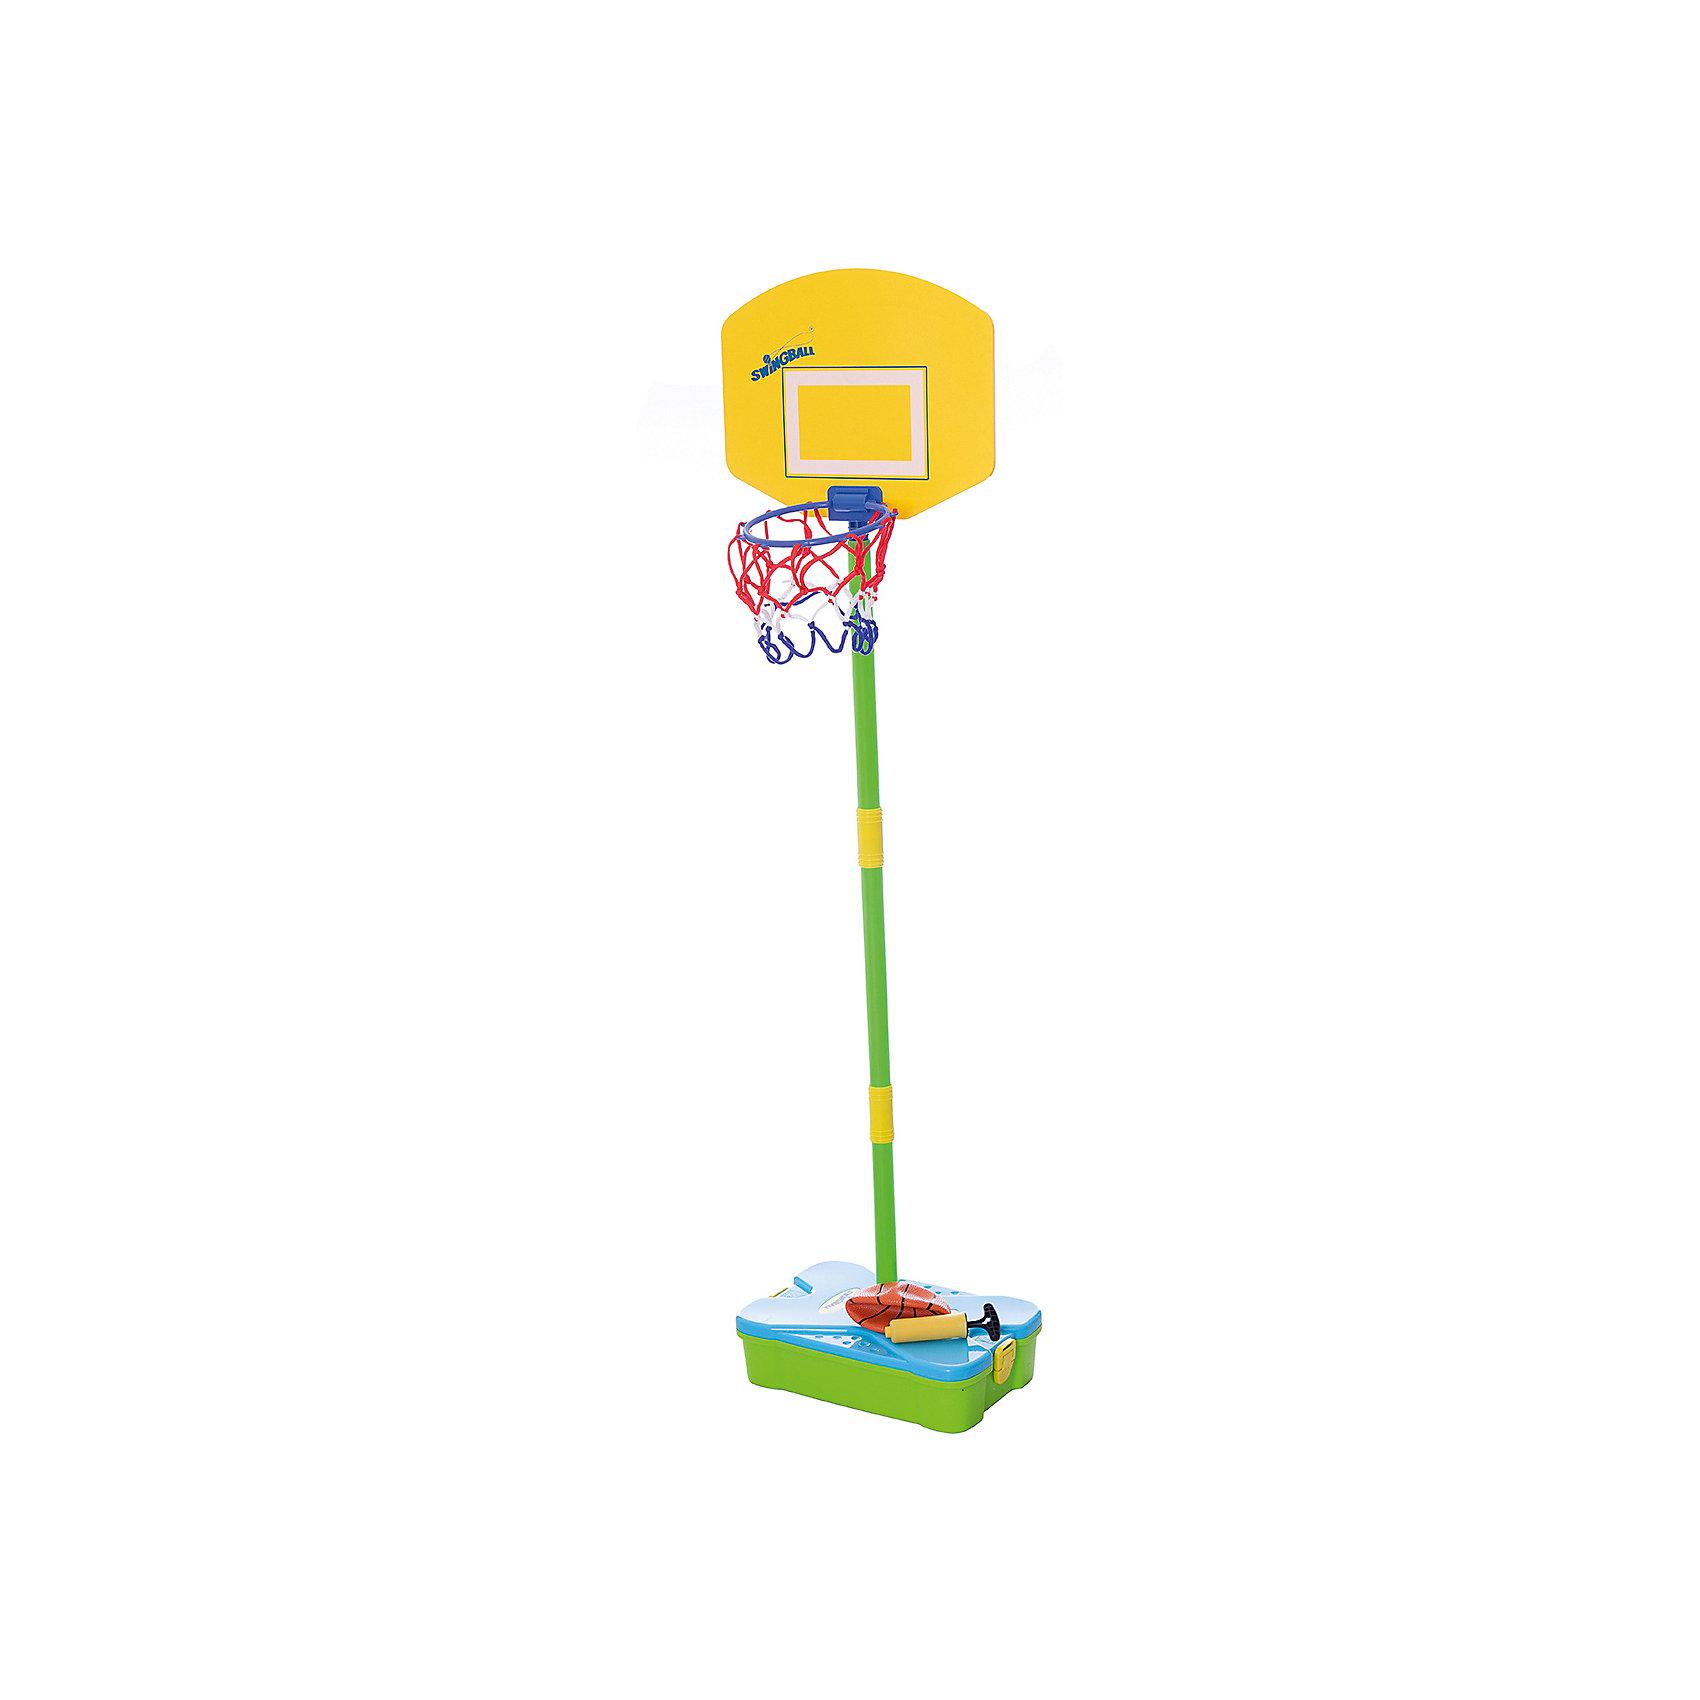 Баскетбольный набор (база, стойка, кольцо, сетка), Mookie